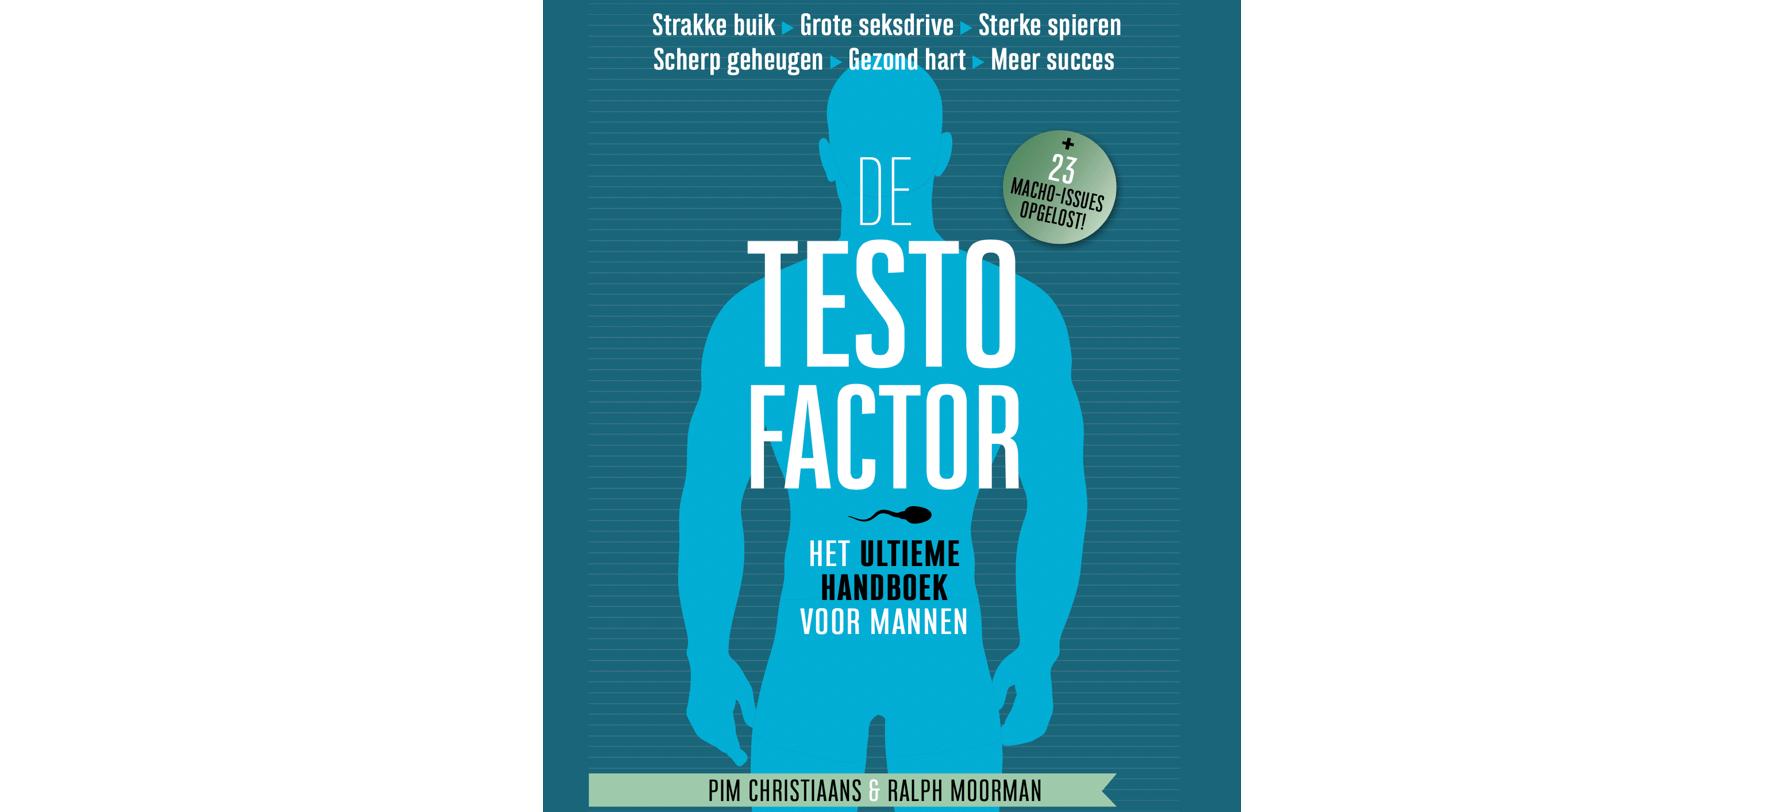 de testo factor